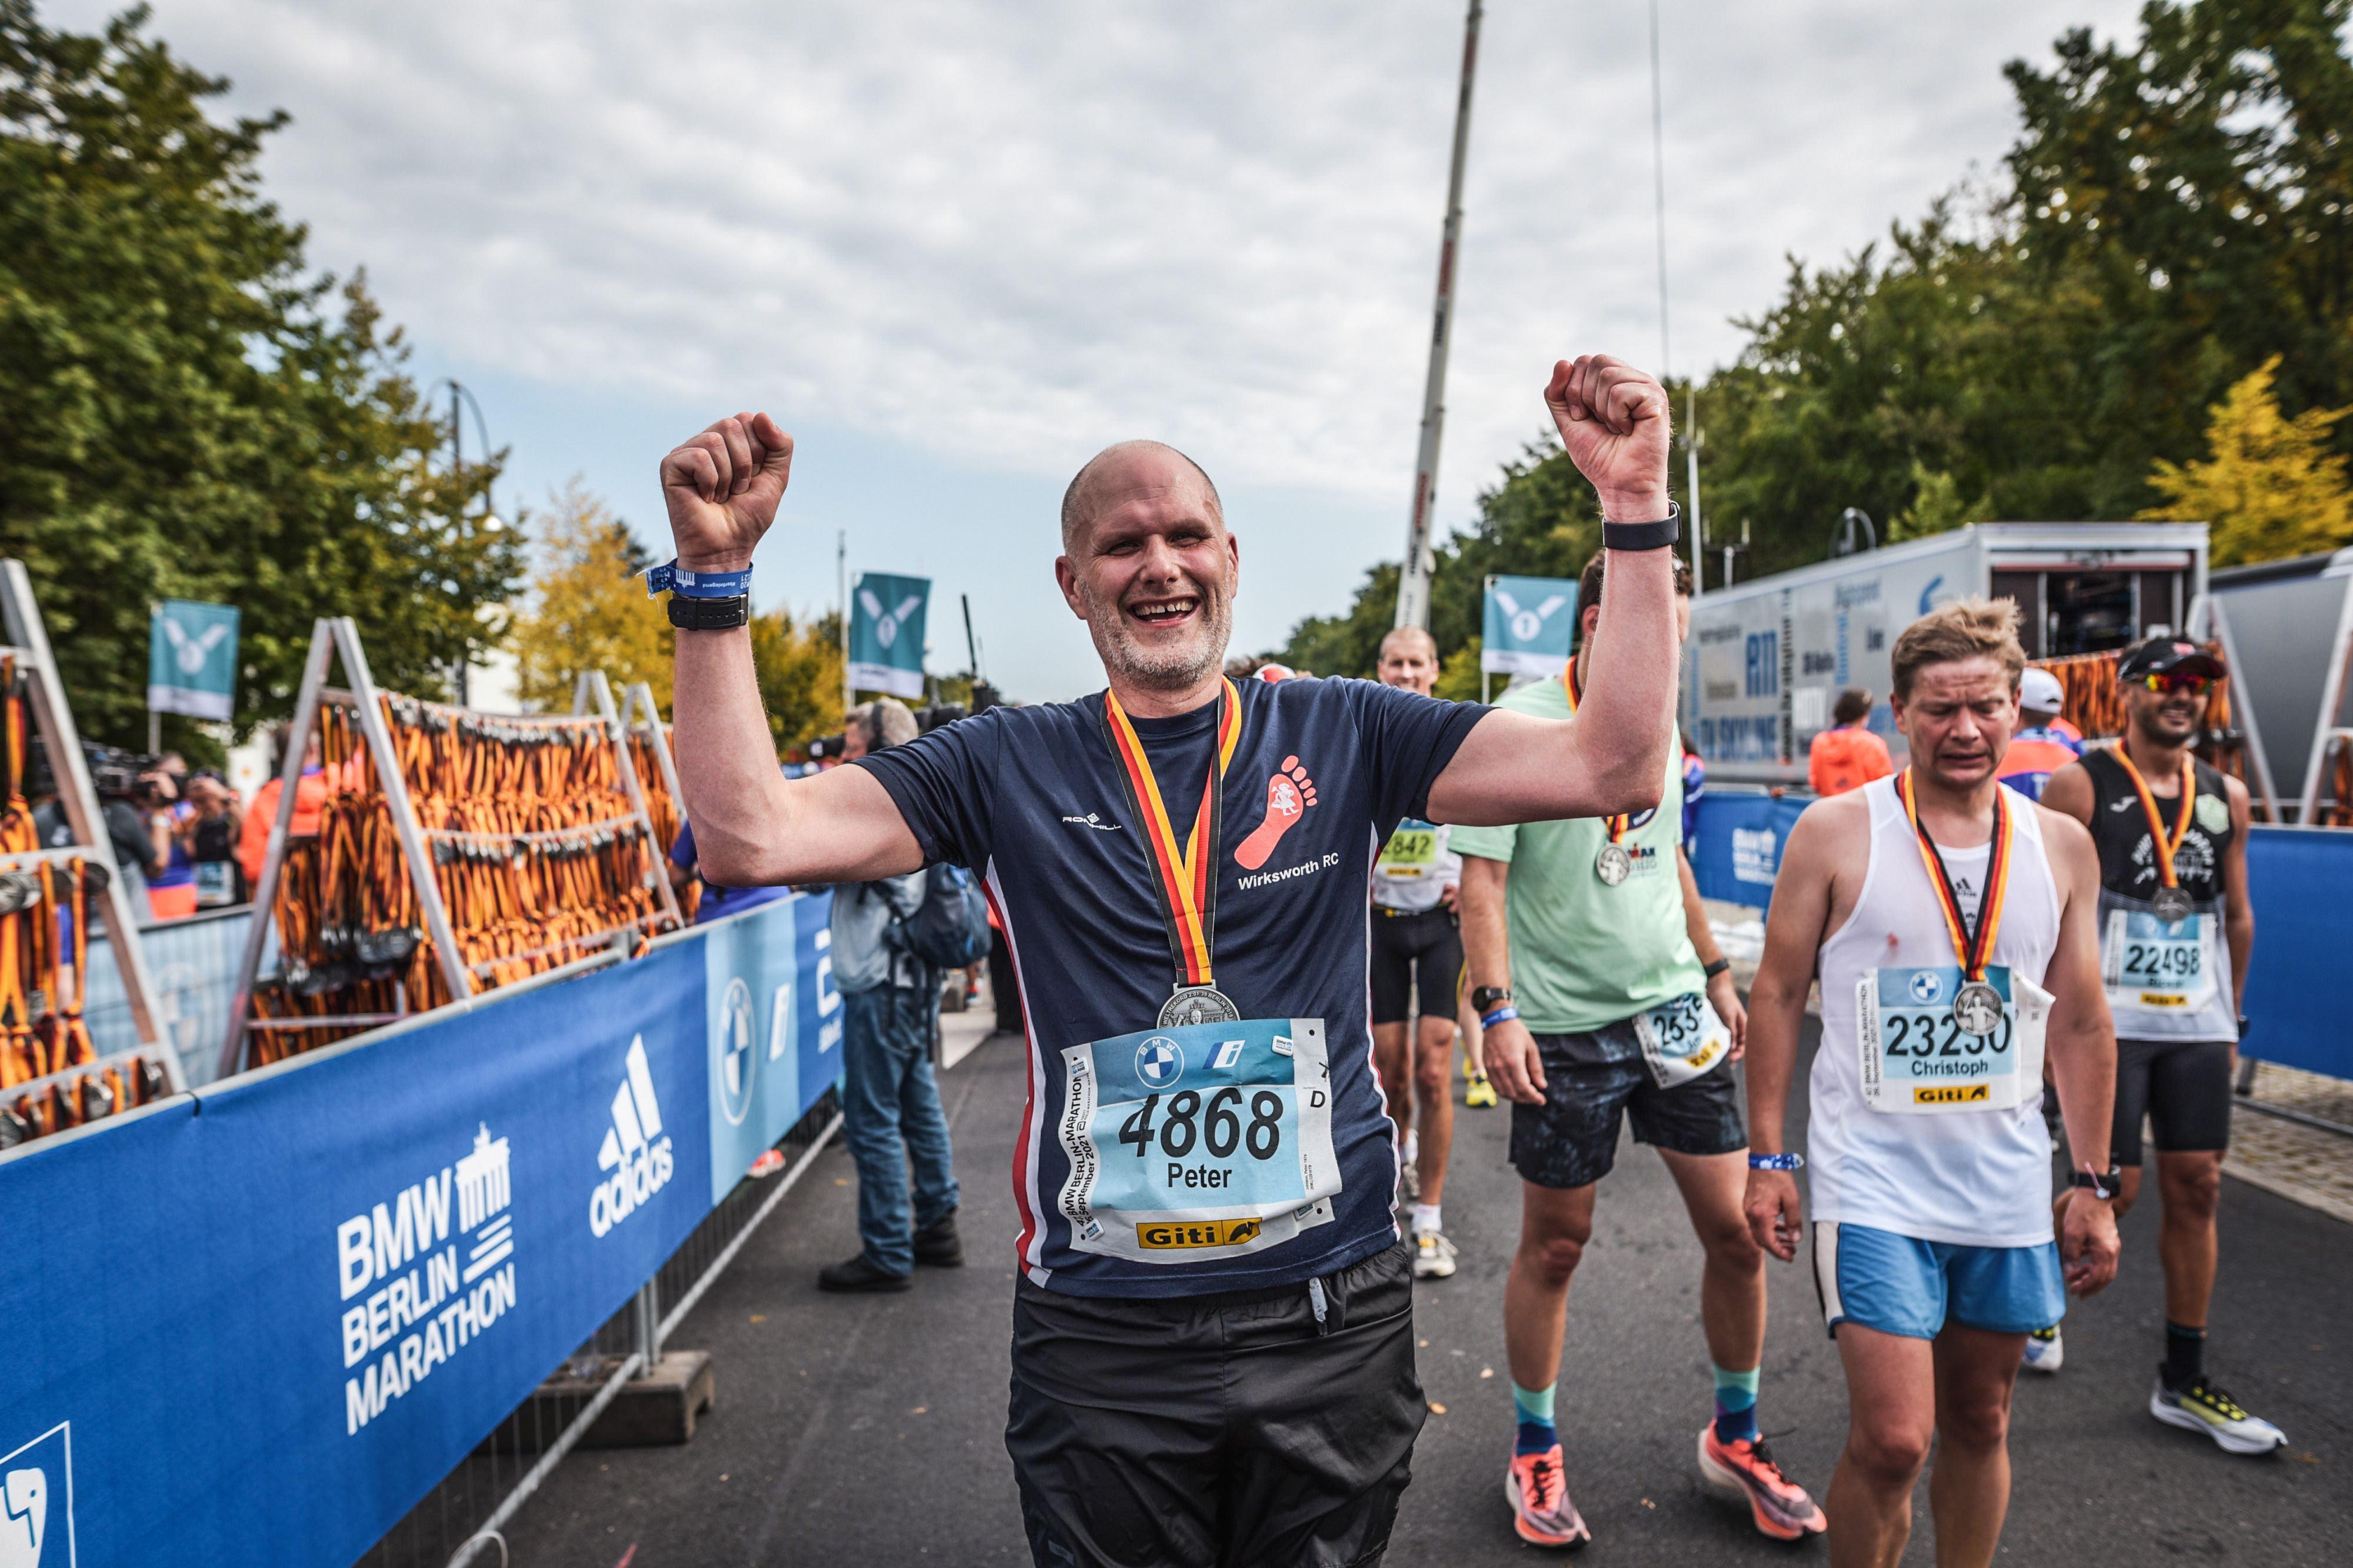 Berlin marathon 2021, September 26th